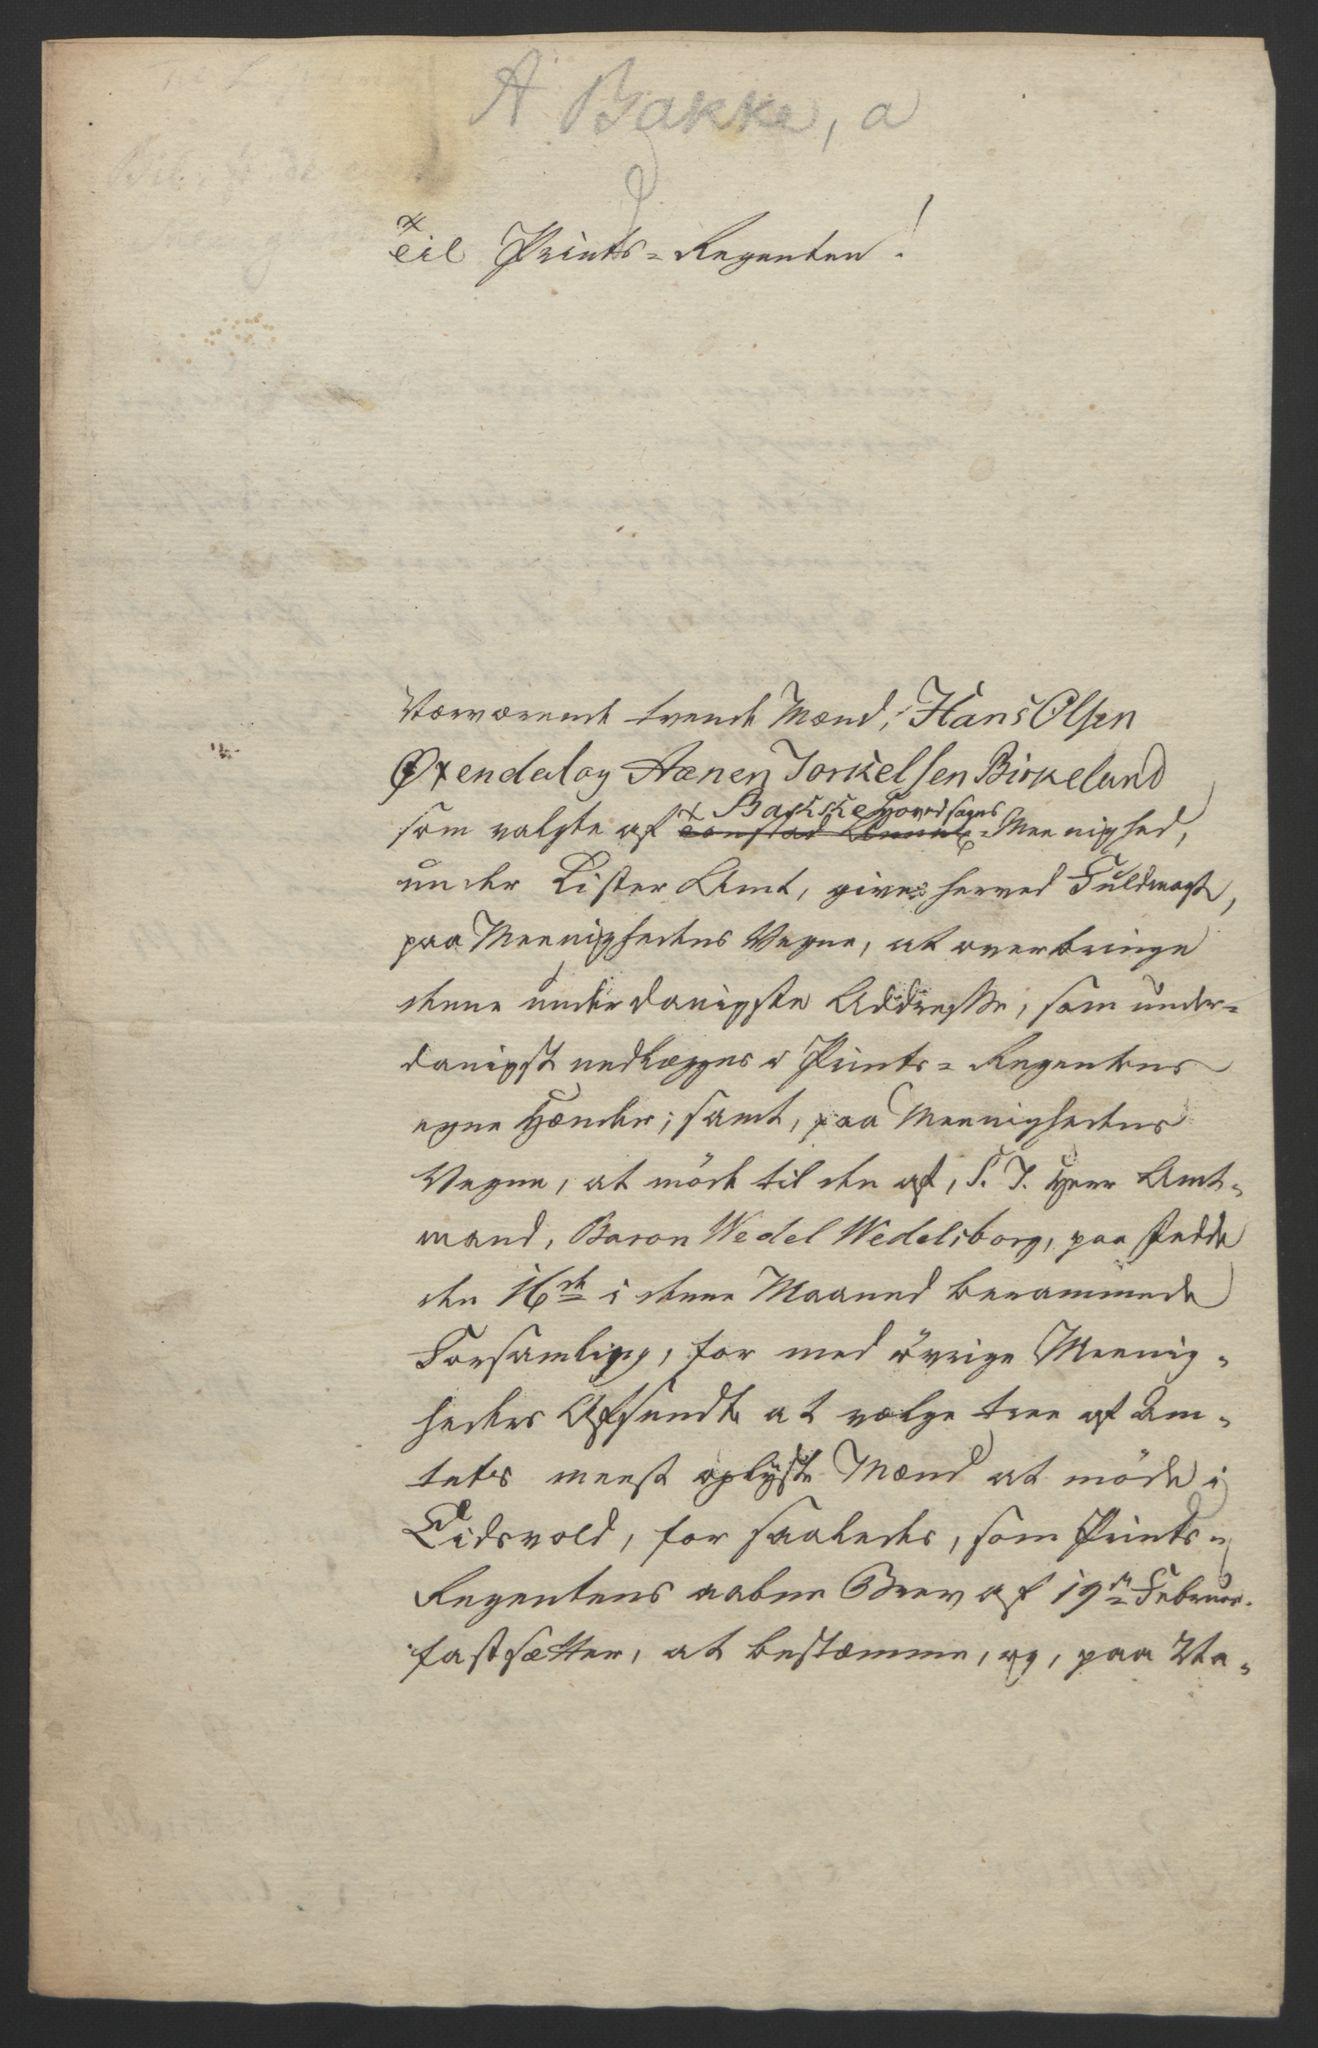 RA, Statsrådssekretariatet, D/Db/L0008: Fullmakter for Eidsvollsrepresentantene i 1814. , 1814, s. 151